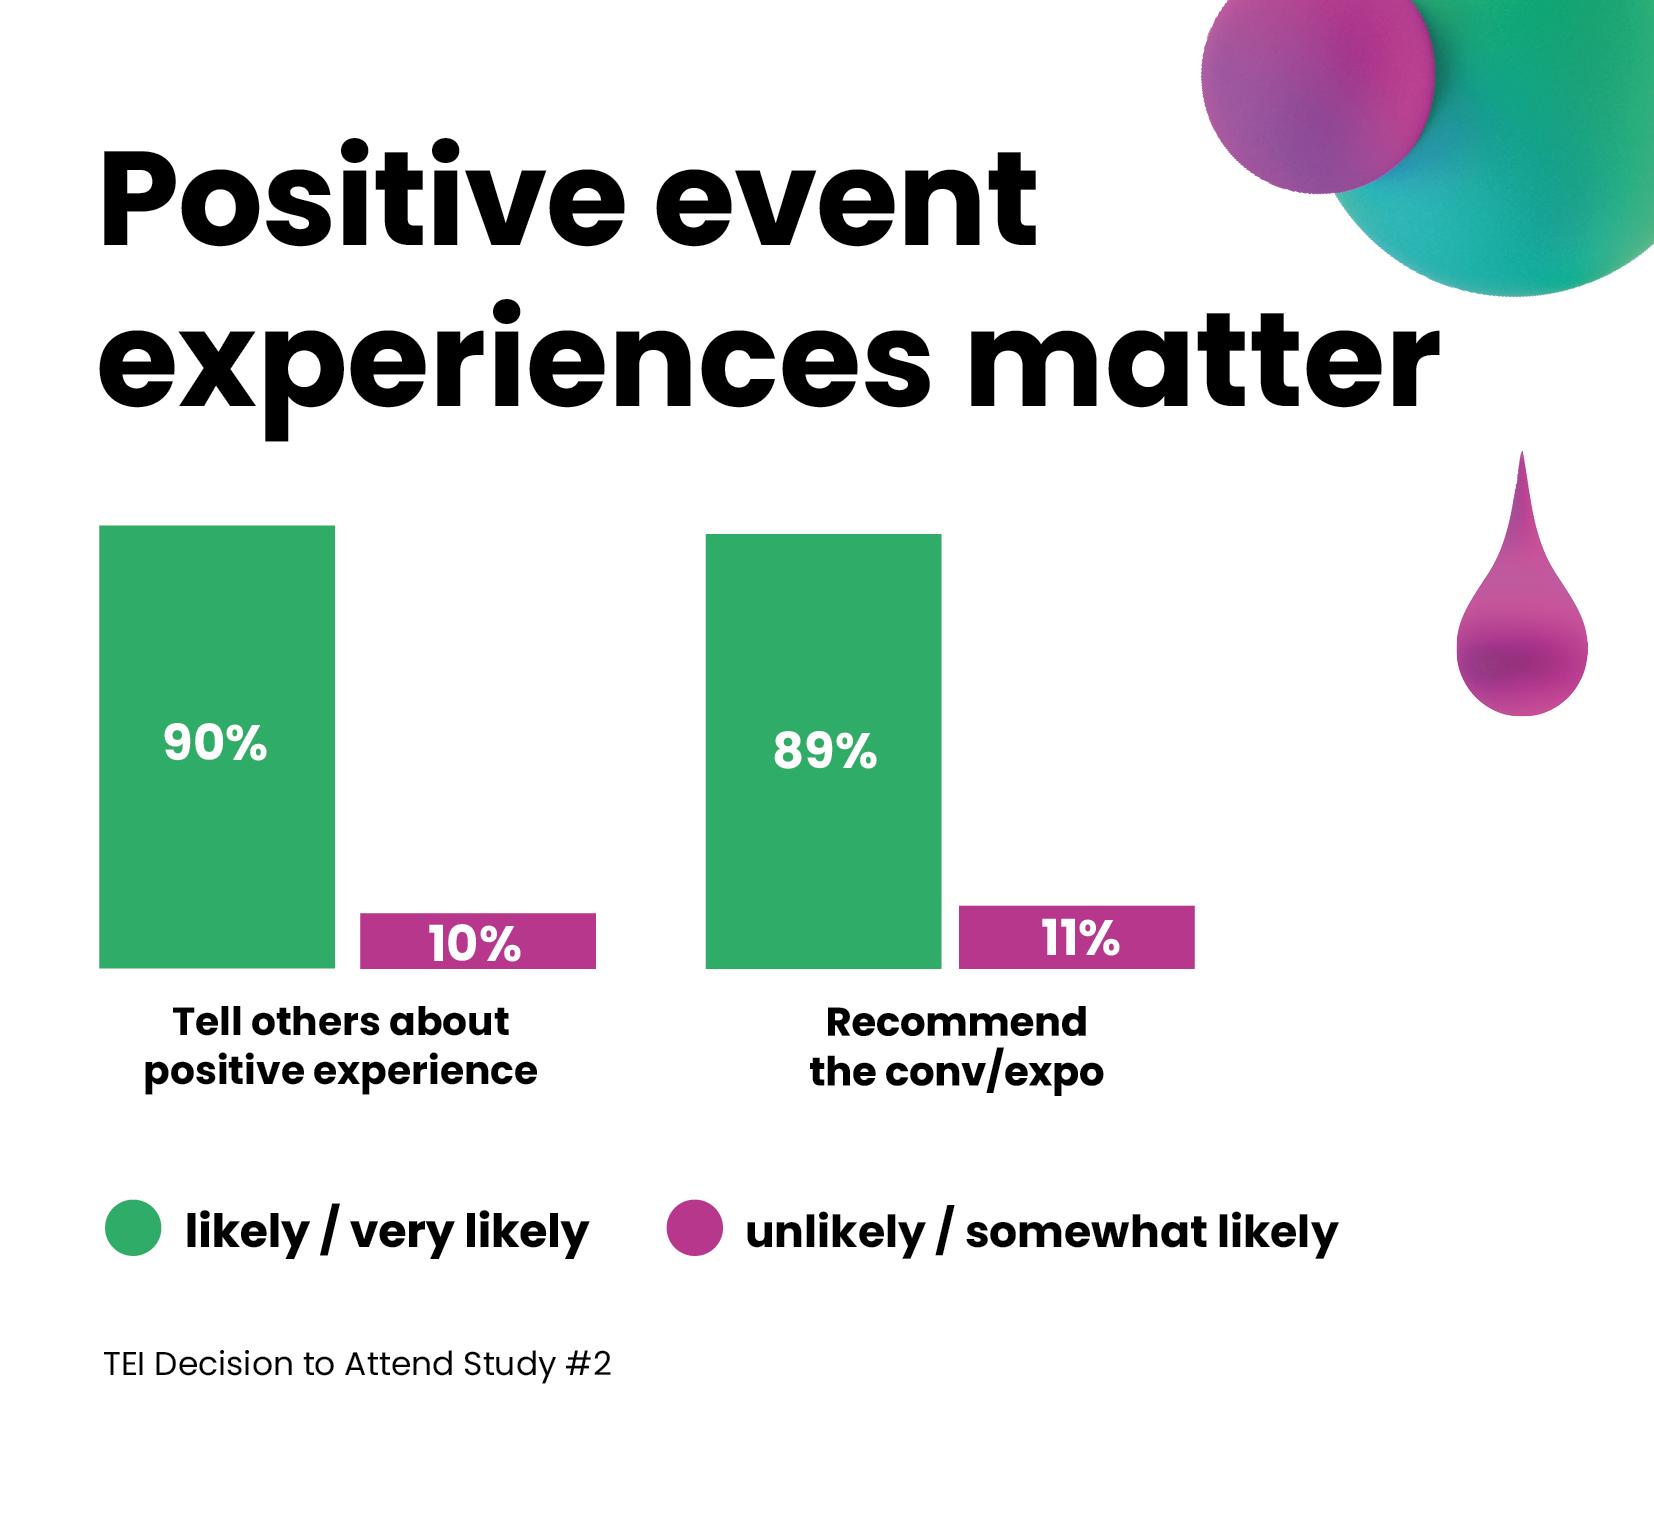 Brella_positive_experiences_10.10.19 (1)